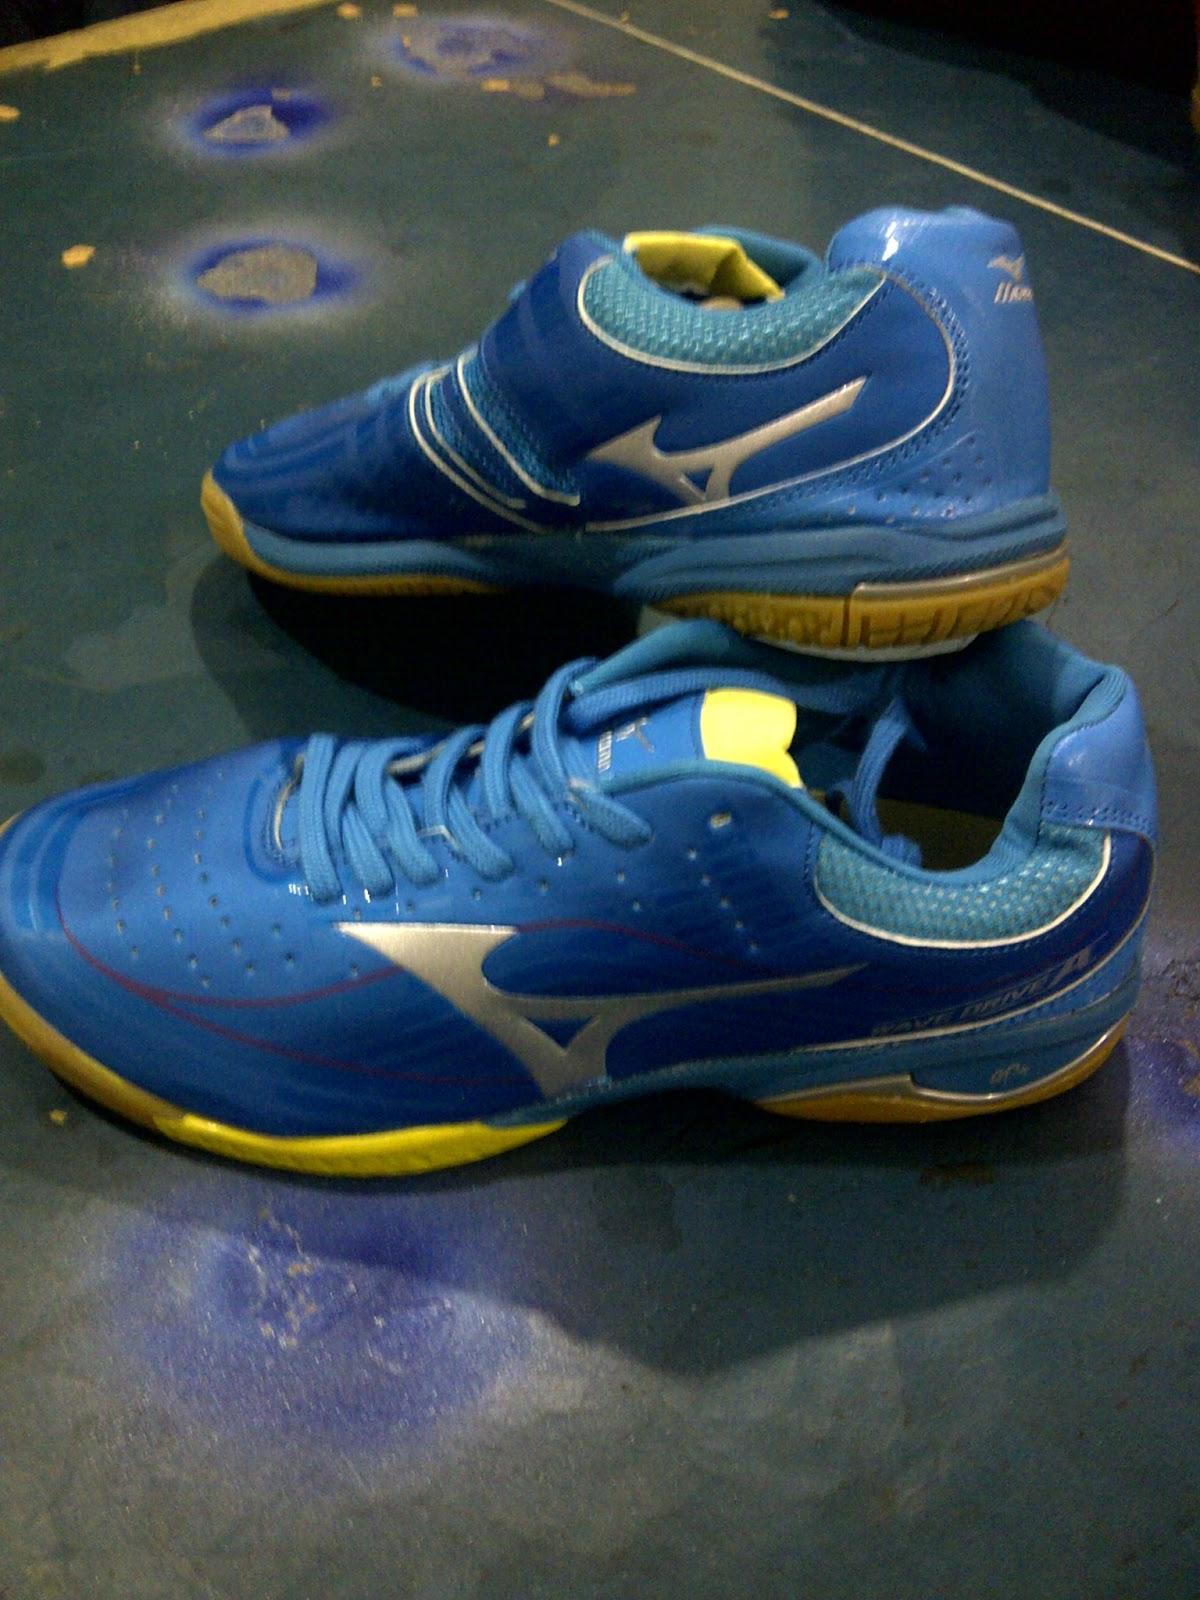 Sepatu Tenis Meja Mizuno Biru + SOCK  7d9a823fed